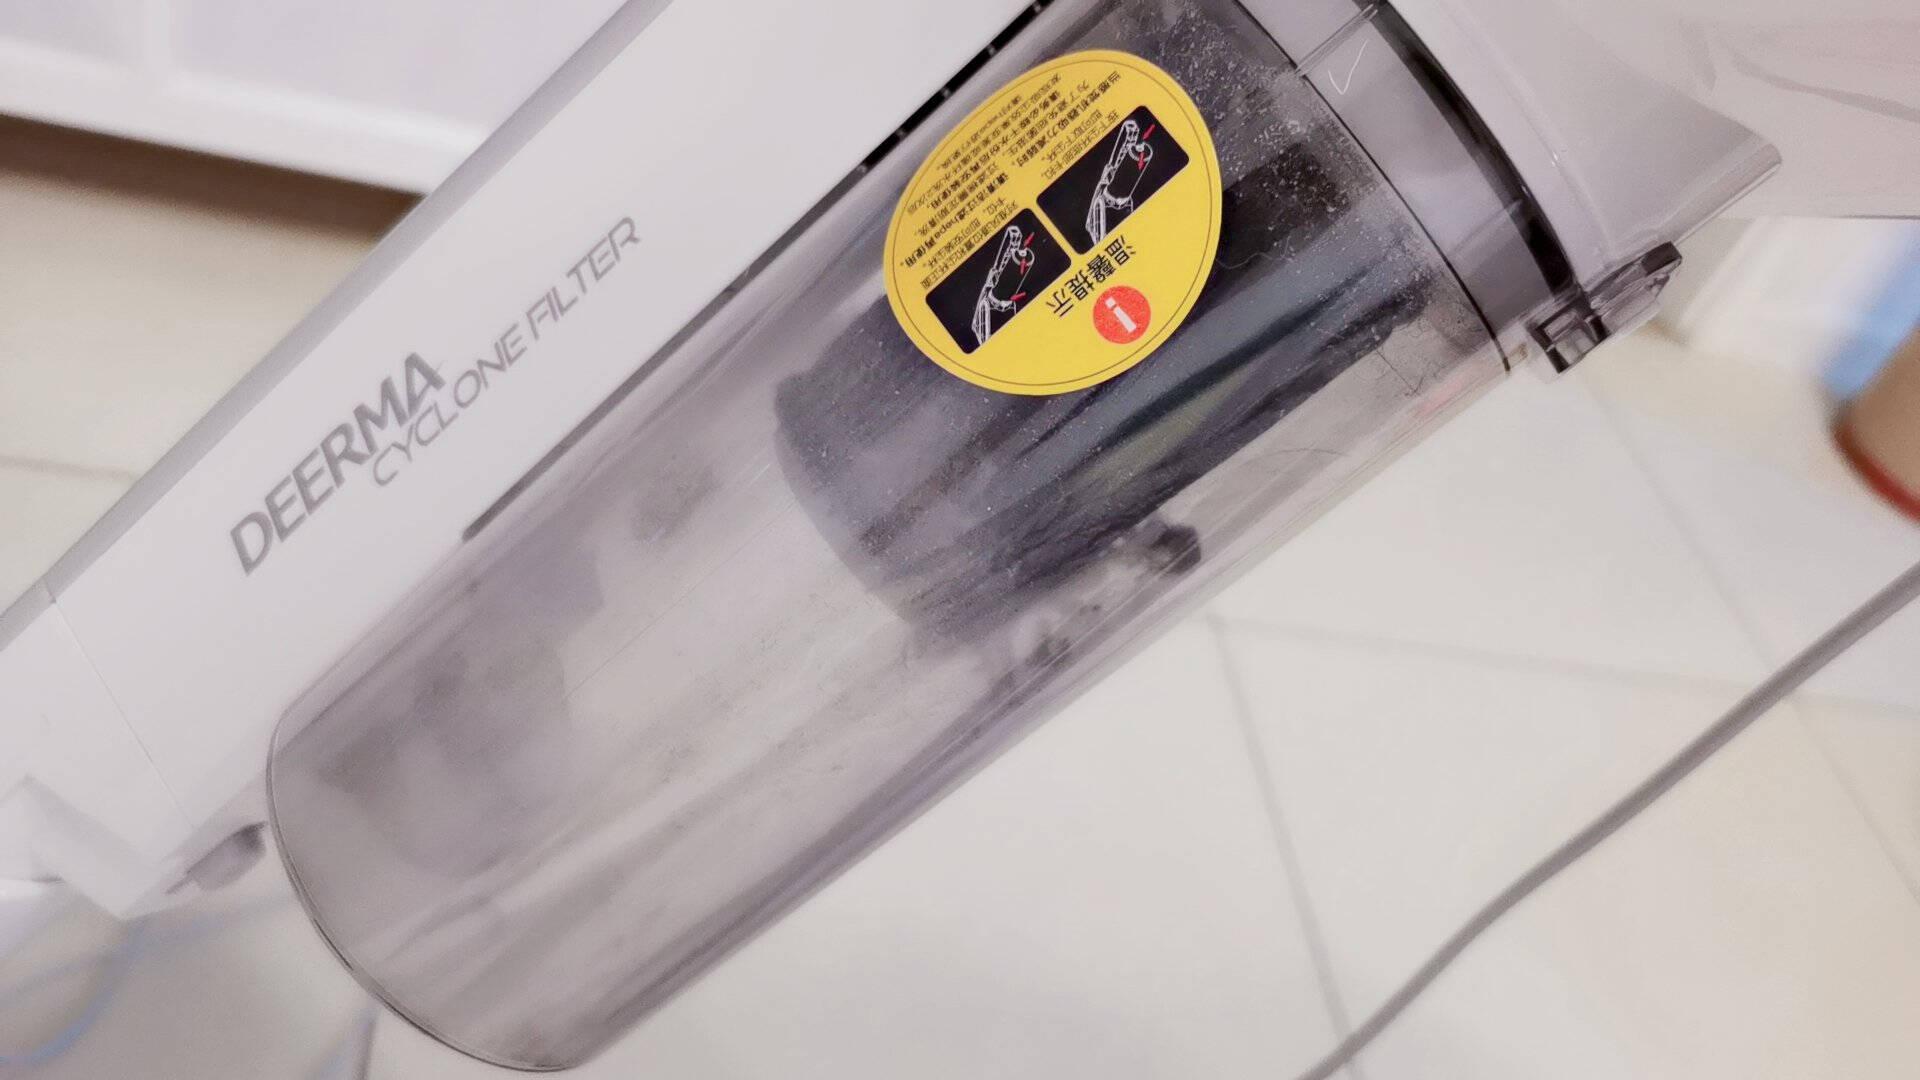 德尔玛(Deerma)DX1000吸尘器家用立式手持吸尘器有线轻量化强力大功率吸尘器自营二合一宠物宝石蓝